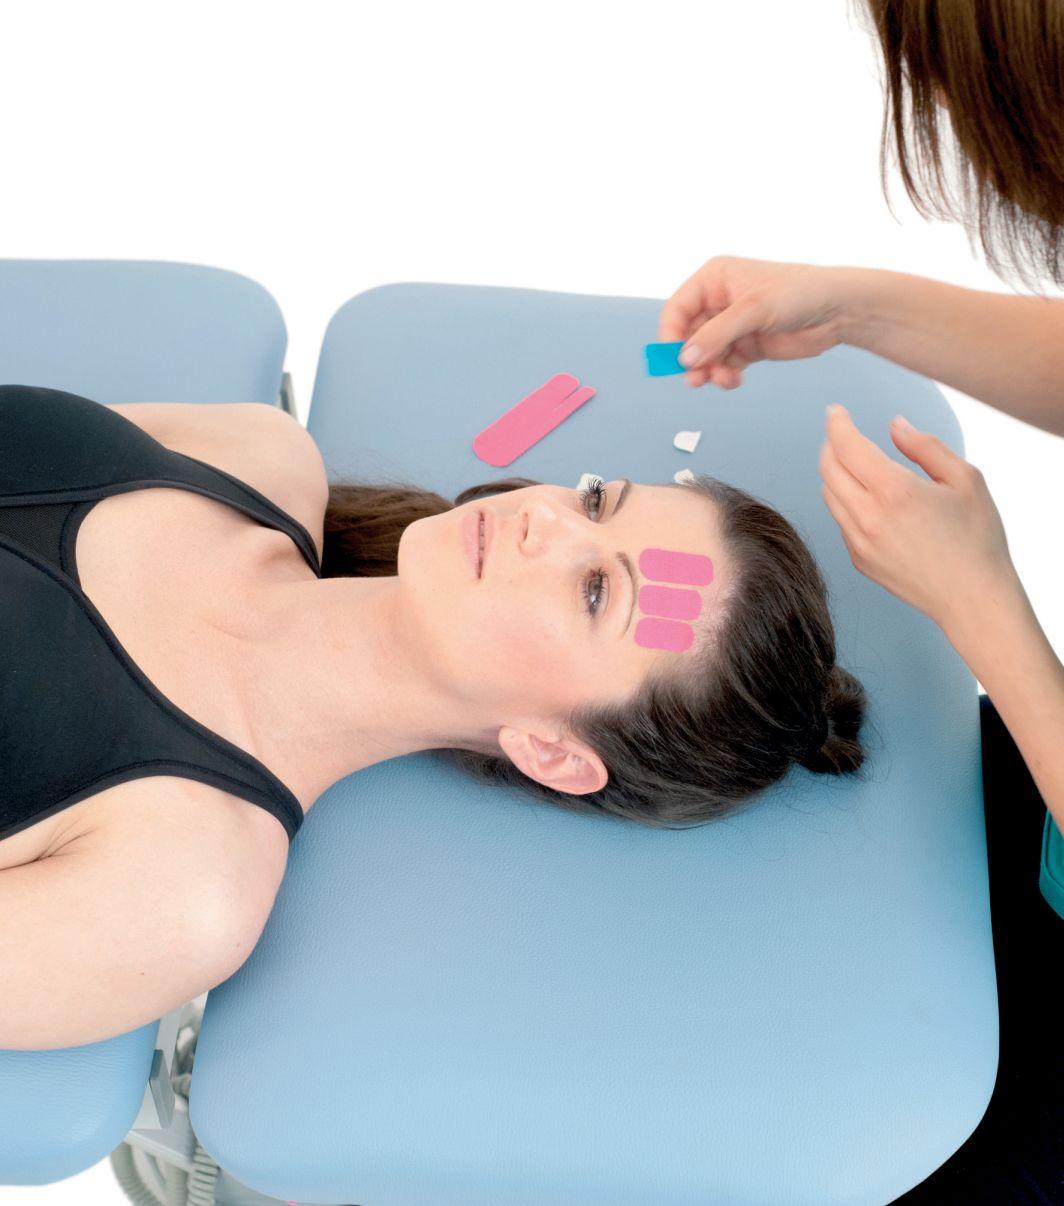 tejpování obličeje - tejpování lícního nervu